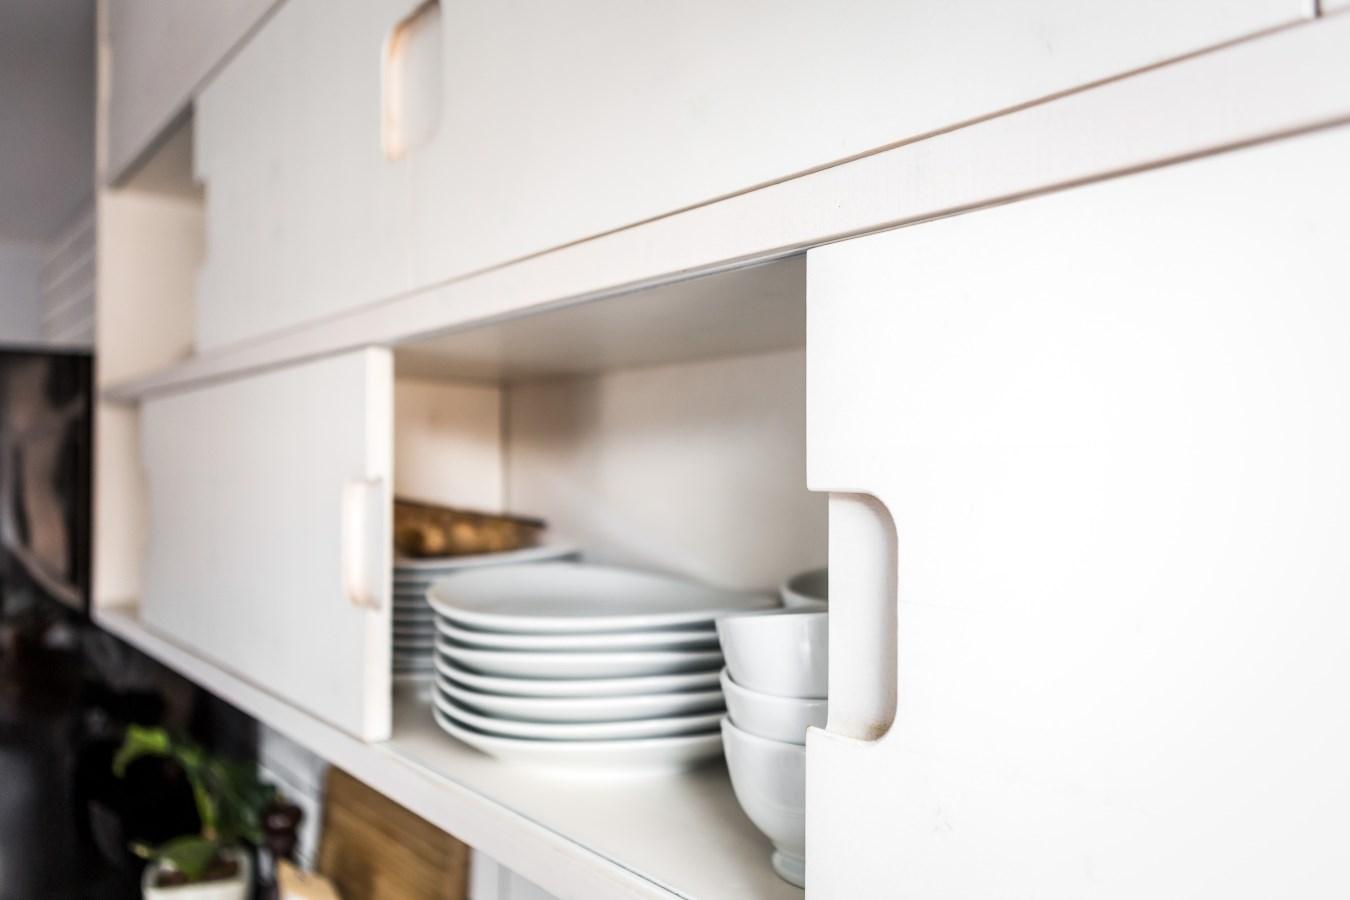 кухонный шкаф полки посуда